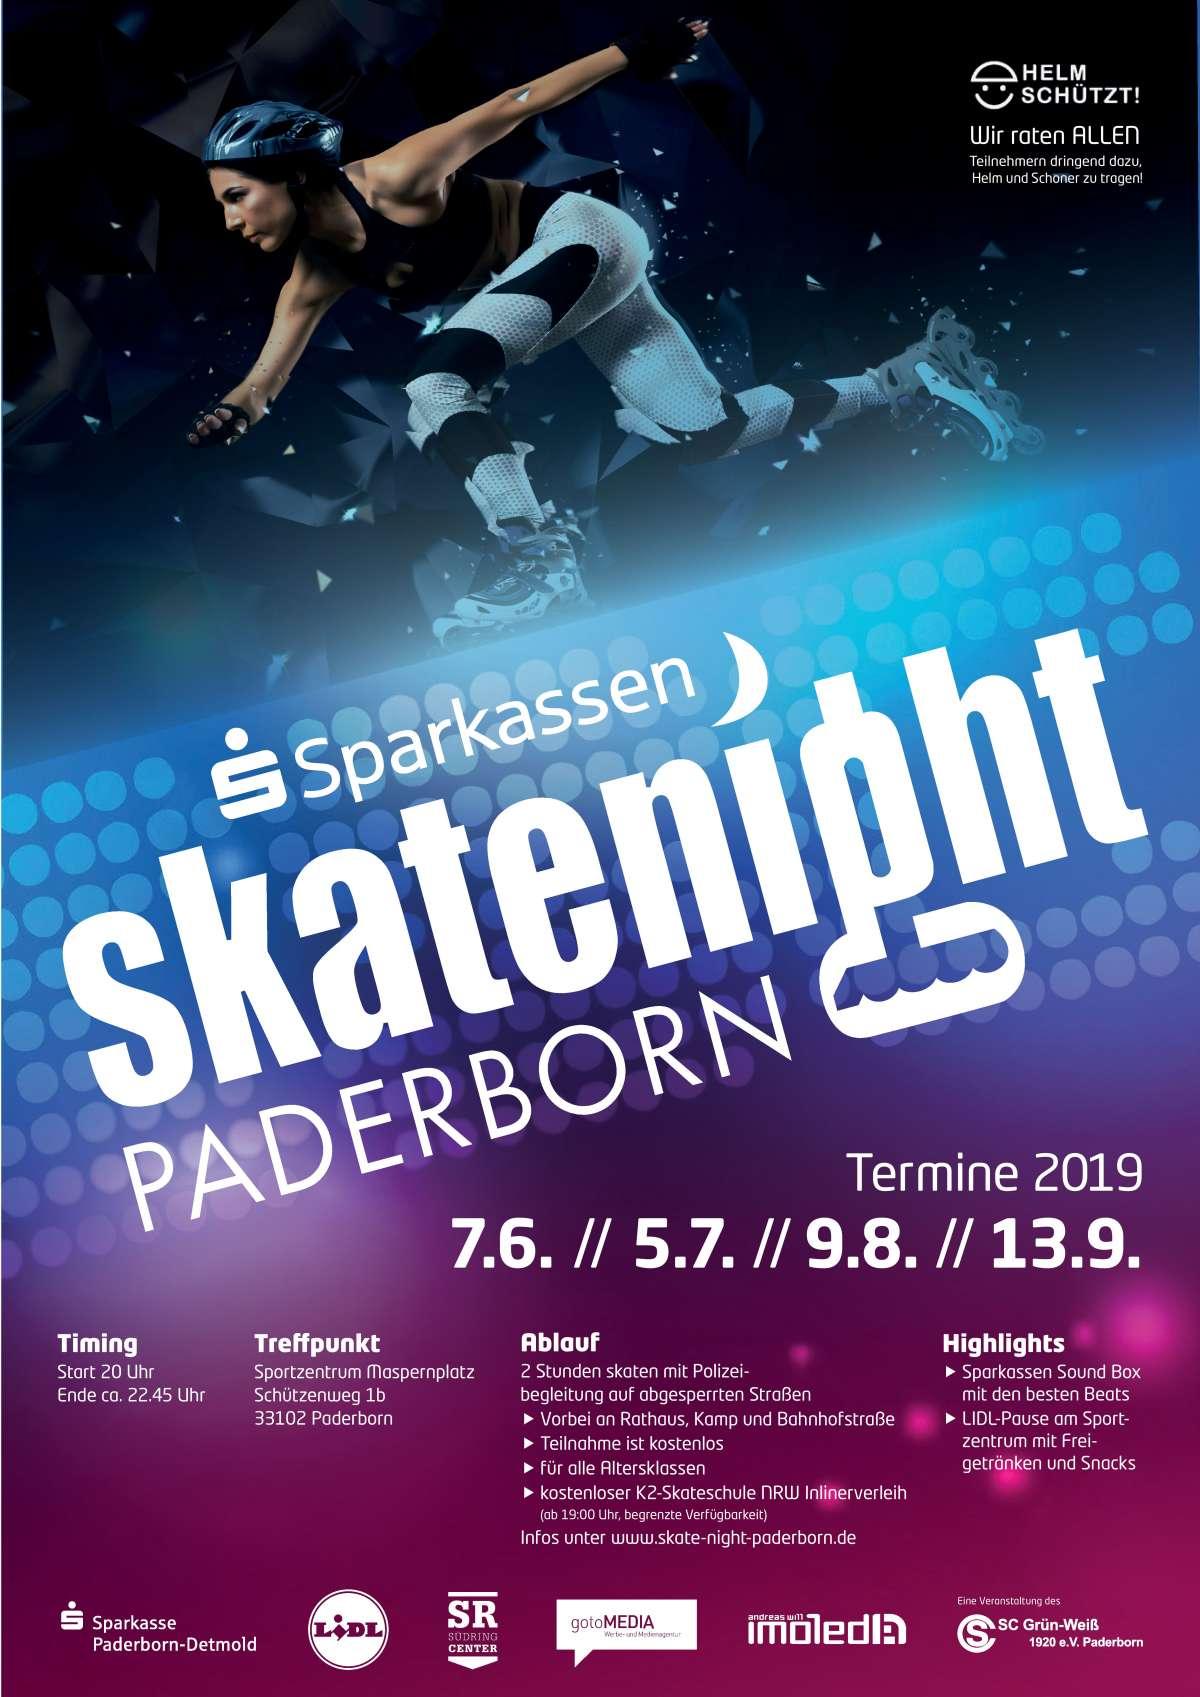 Sparkassen Skate Night Paderborn - Sportzentrum Maspernplatz - Paderborn